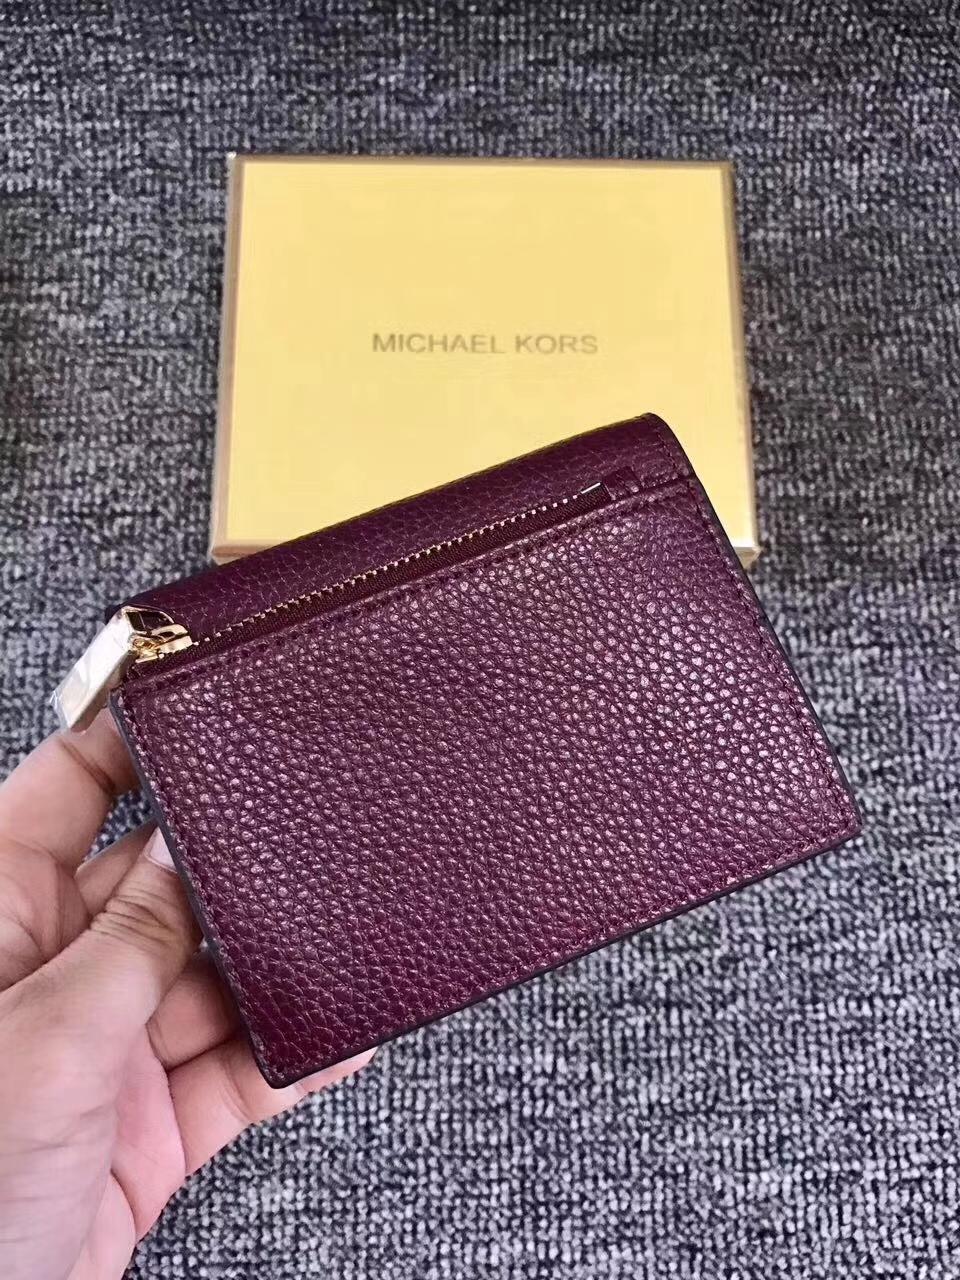 MK钱包批发 迈克科尔斯杨幂同款荔枝纹牛皮Mercer短款钱夹 紫红色